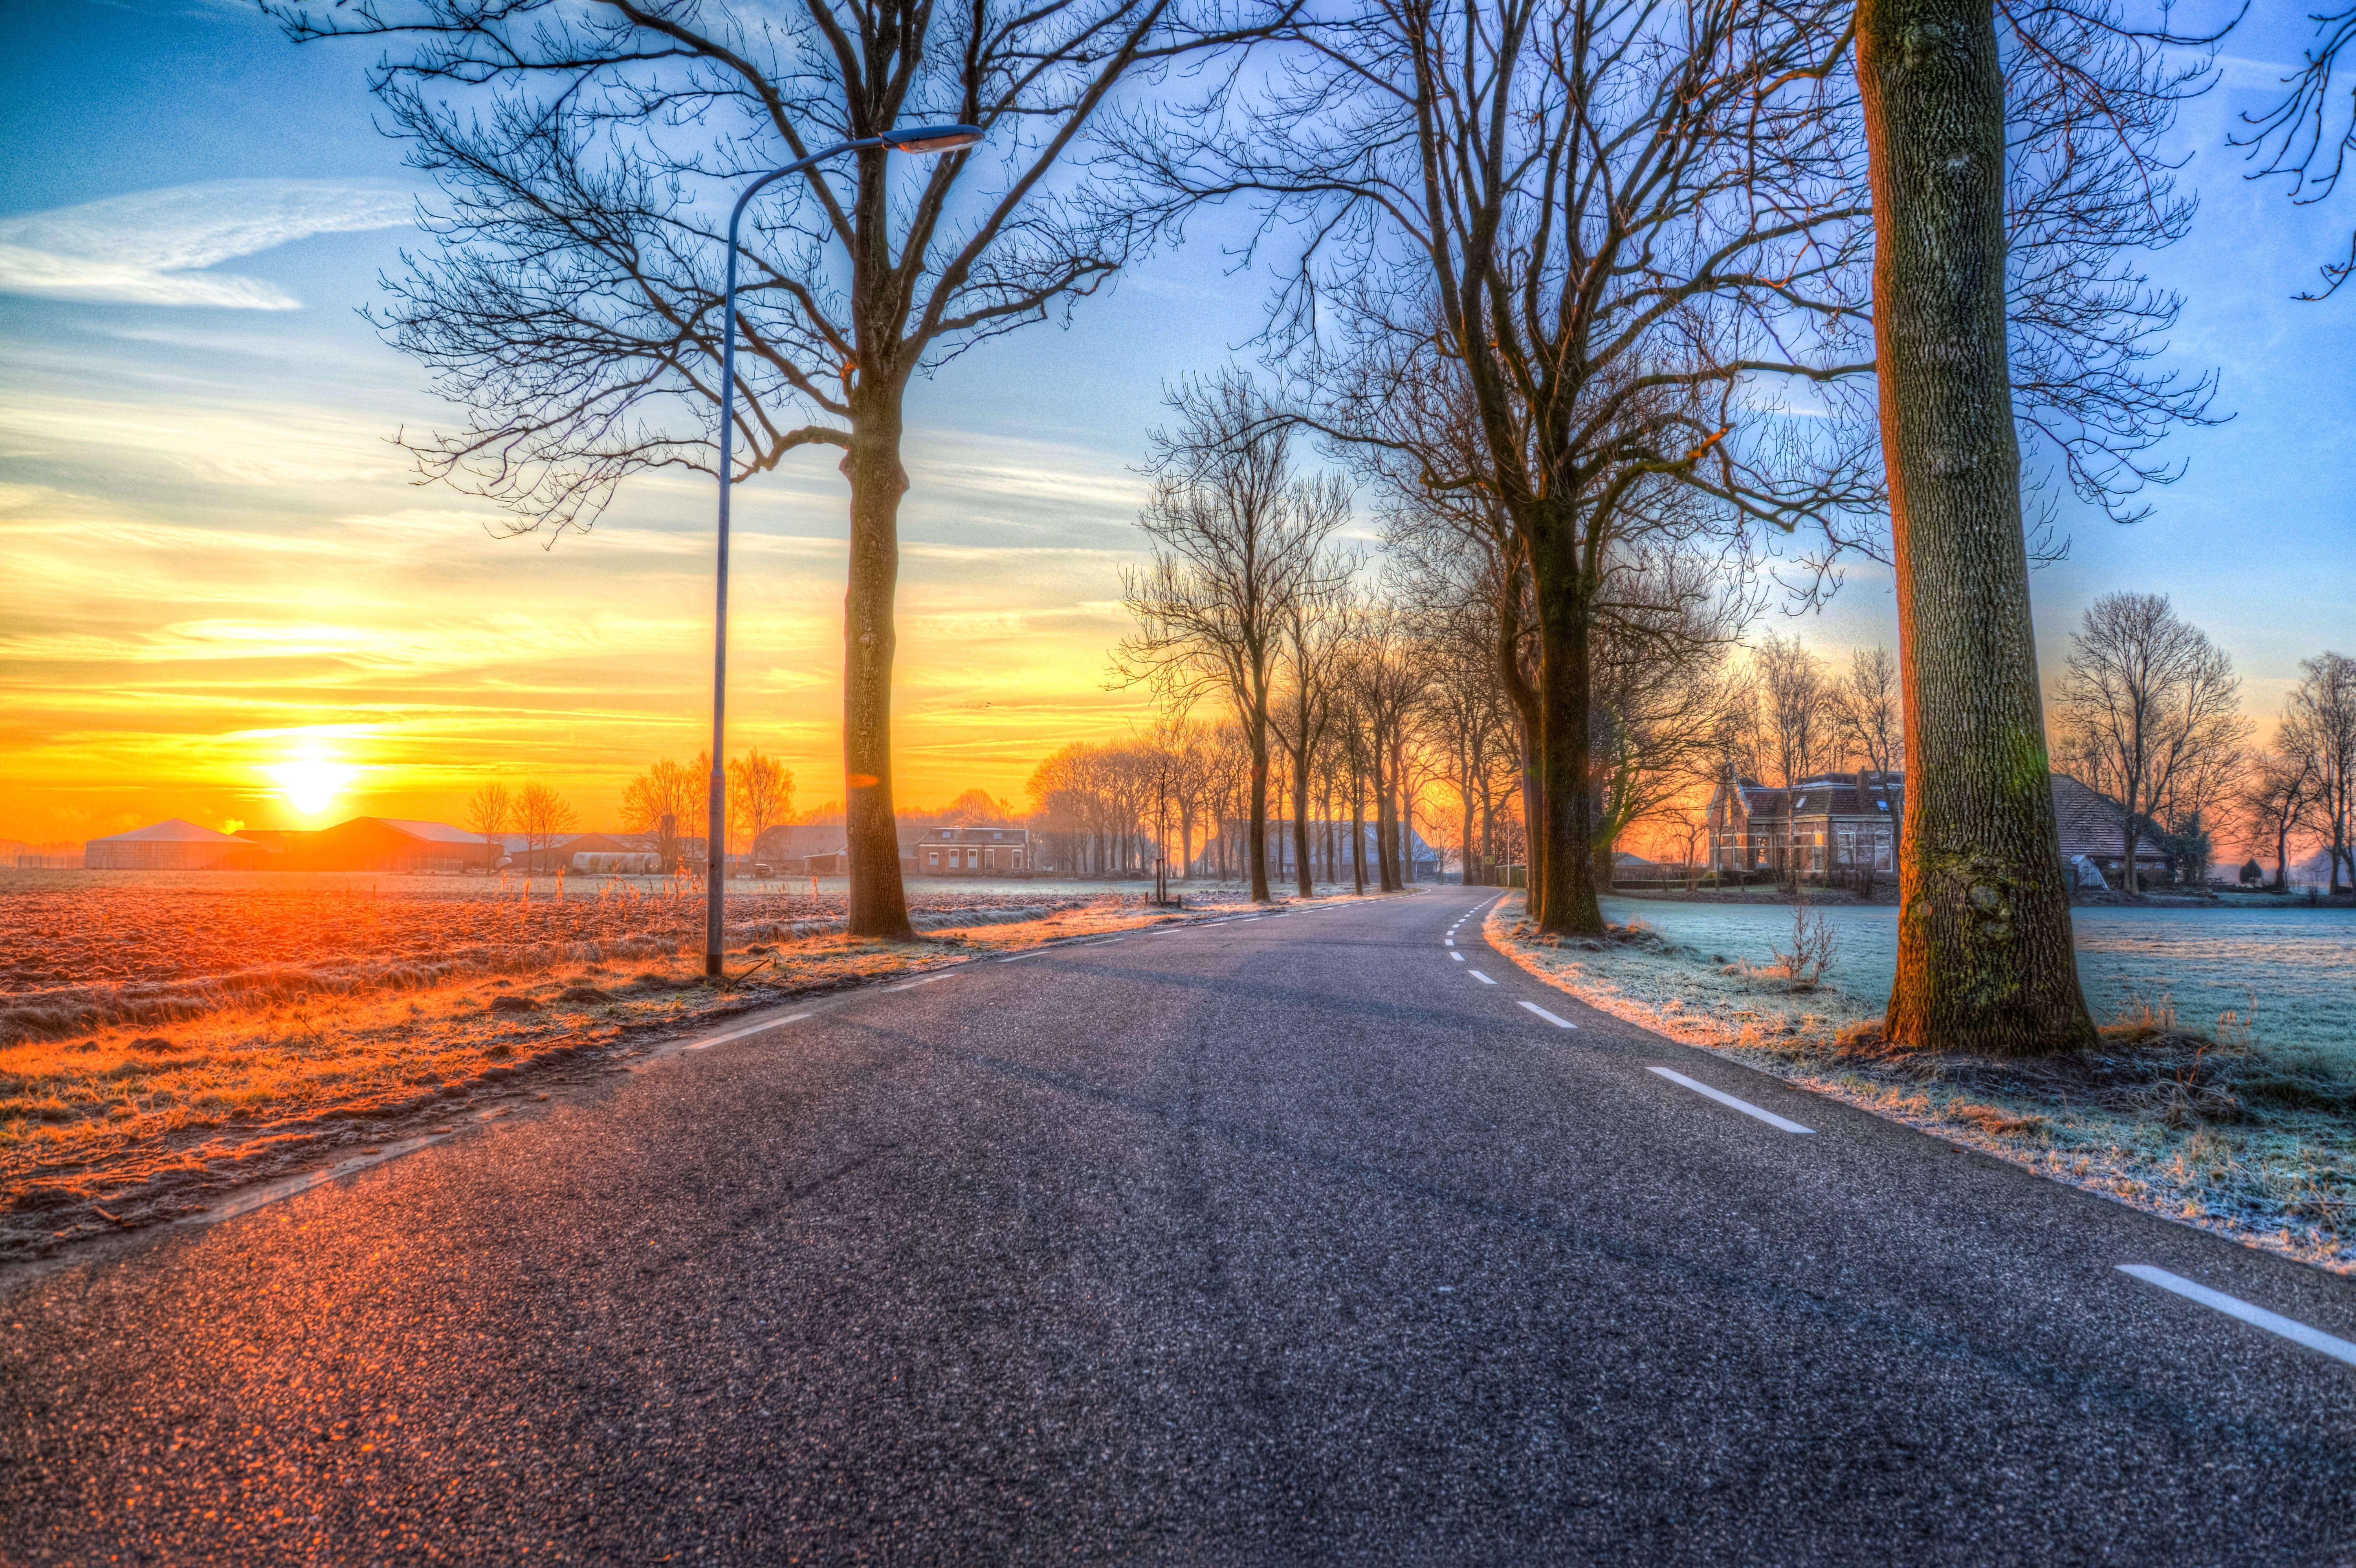 Foto profissional grátis de alvorecer, árvores, asfalto, céu